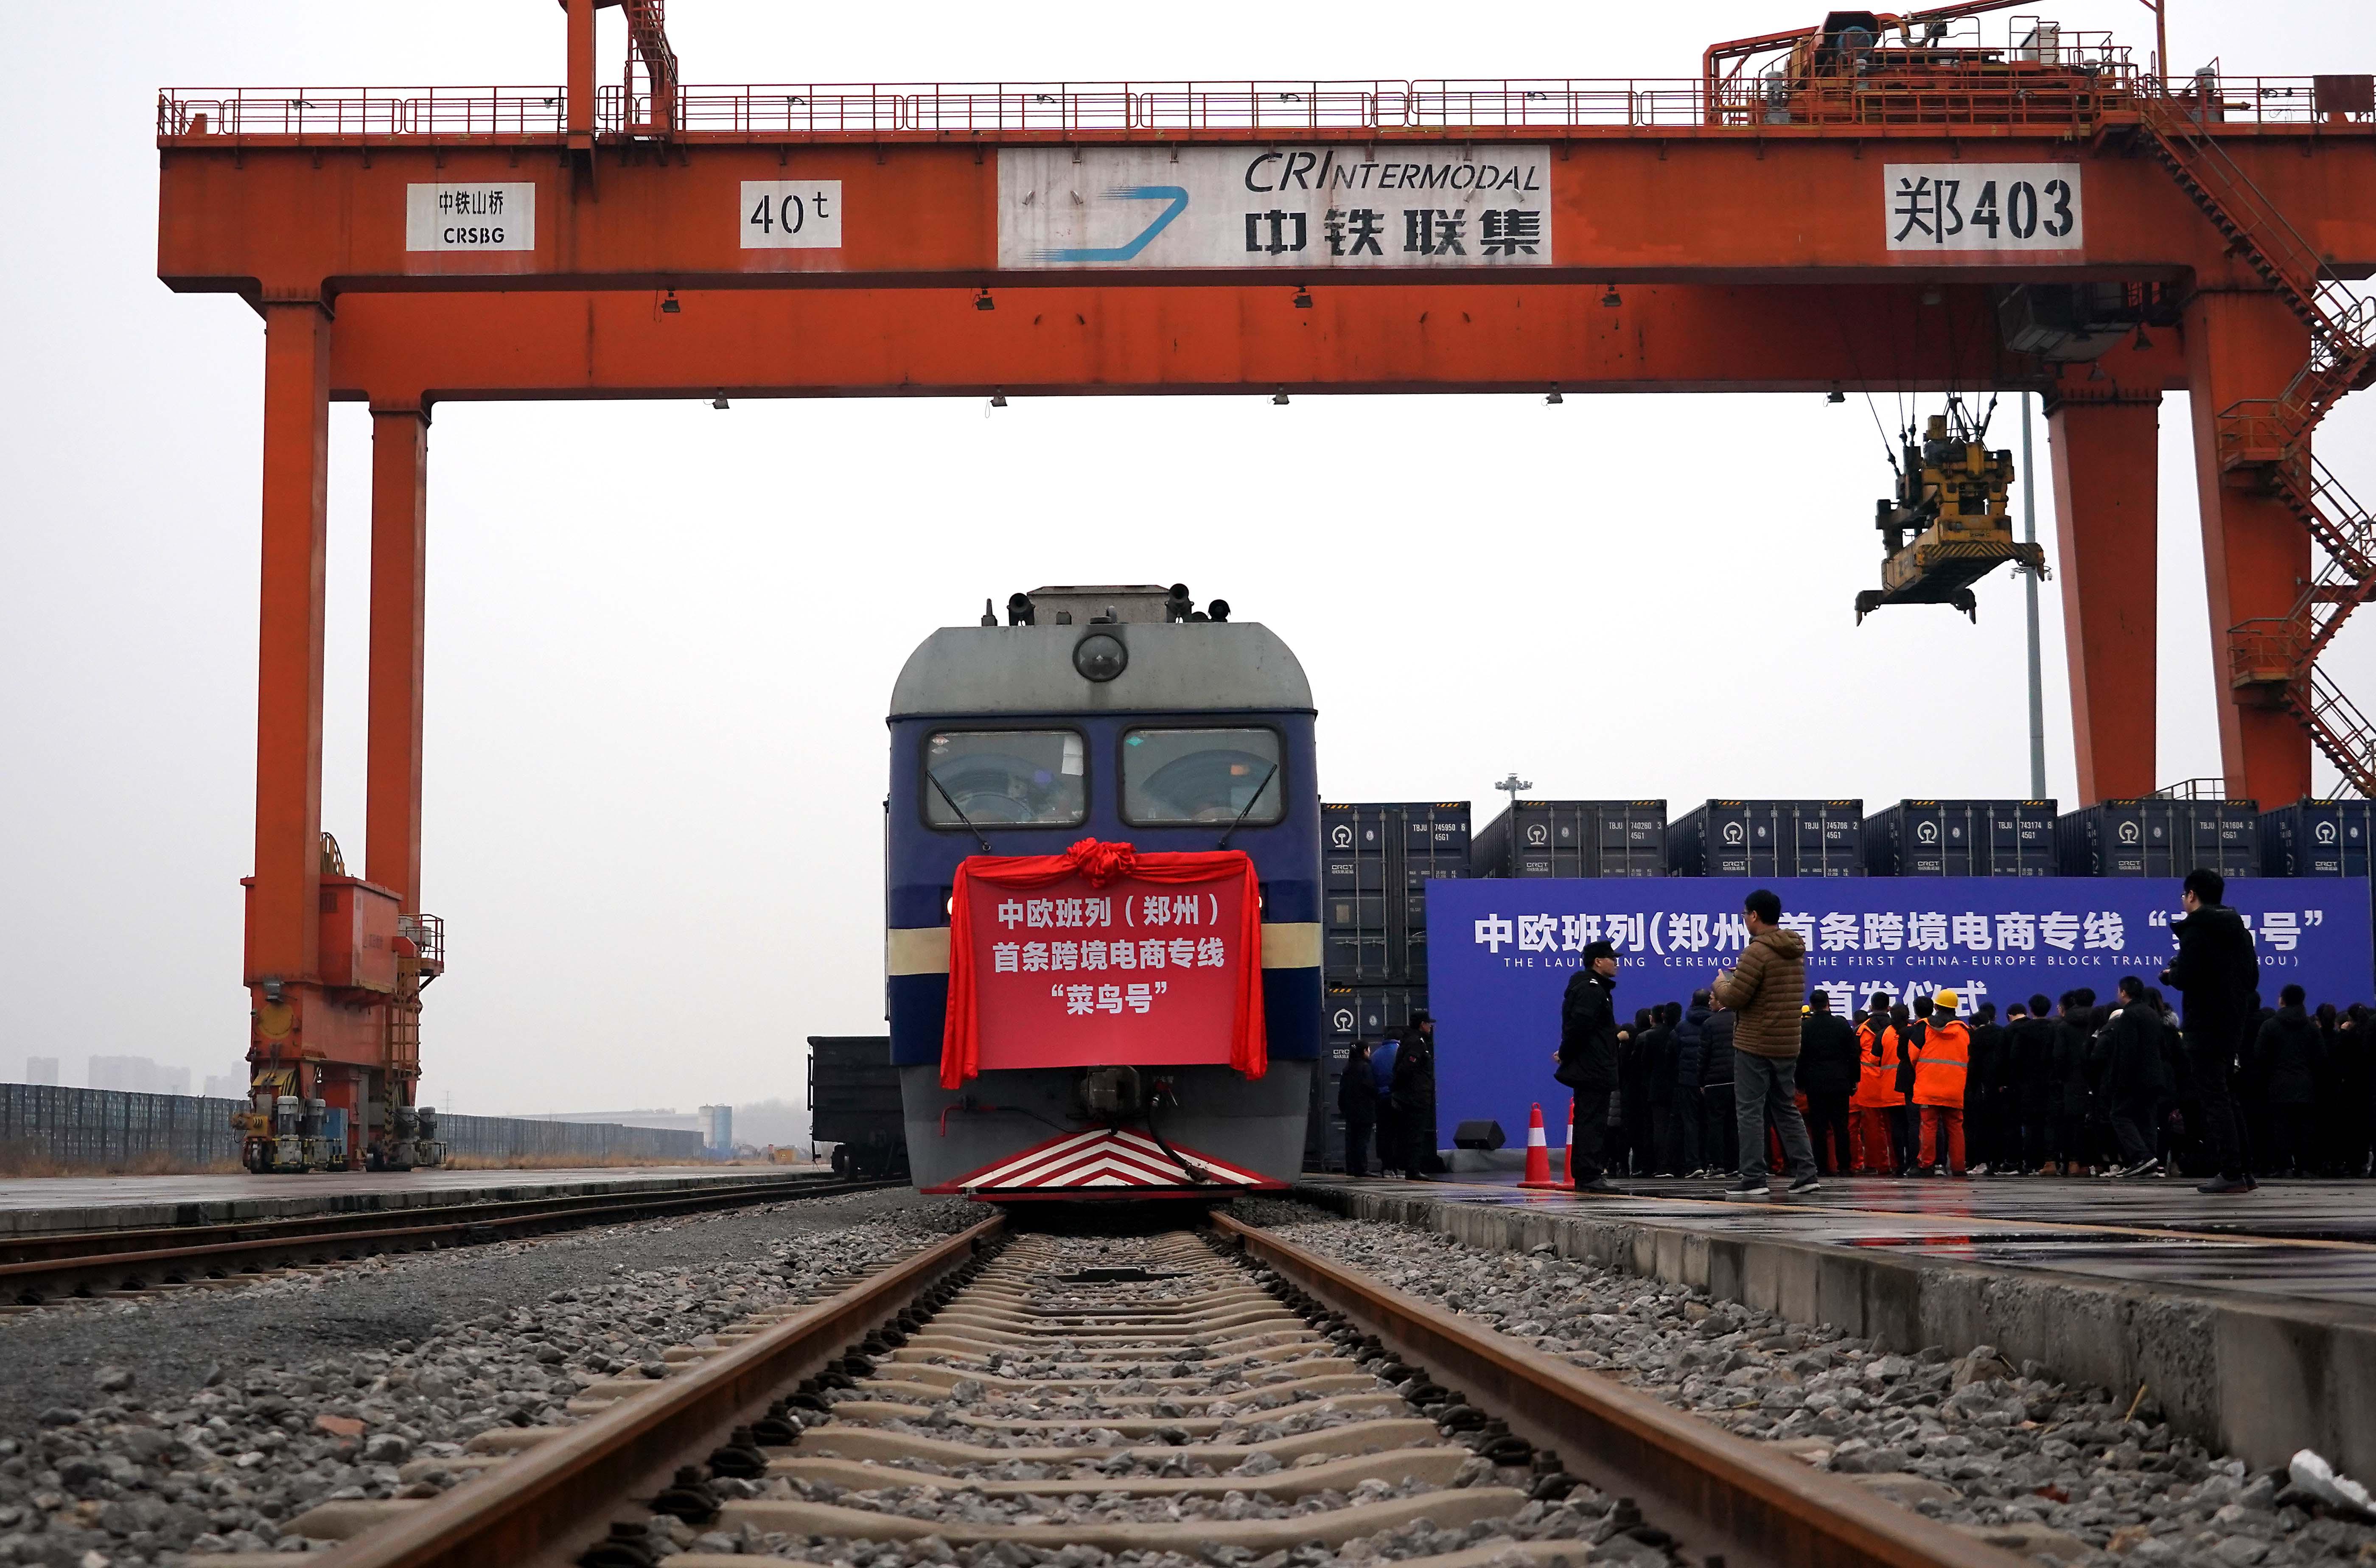 鄭州発着「中欧班列」、中欧間の医療物資輸送に大きな役割担う